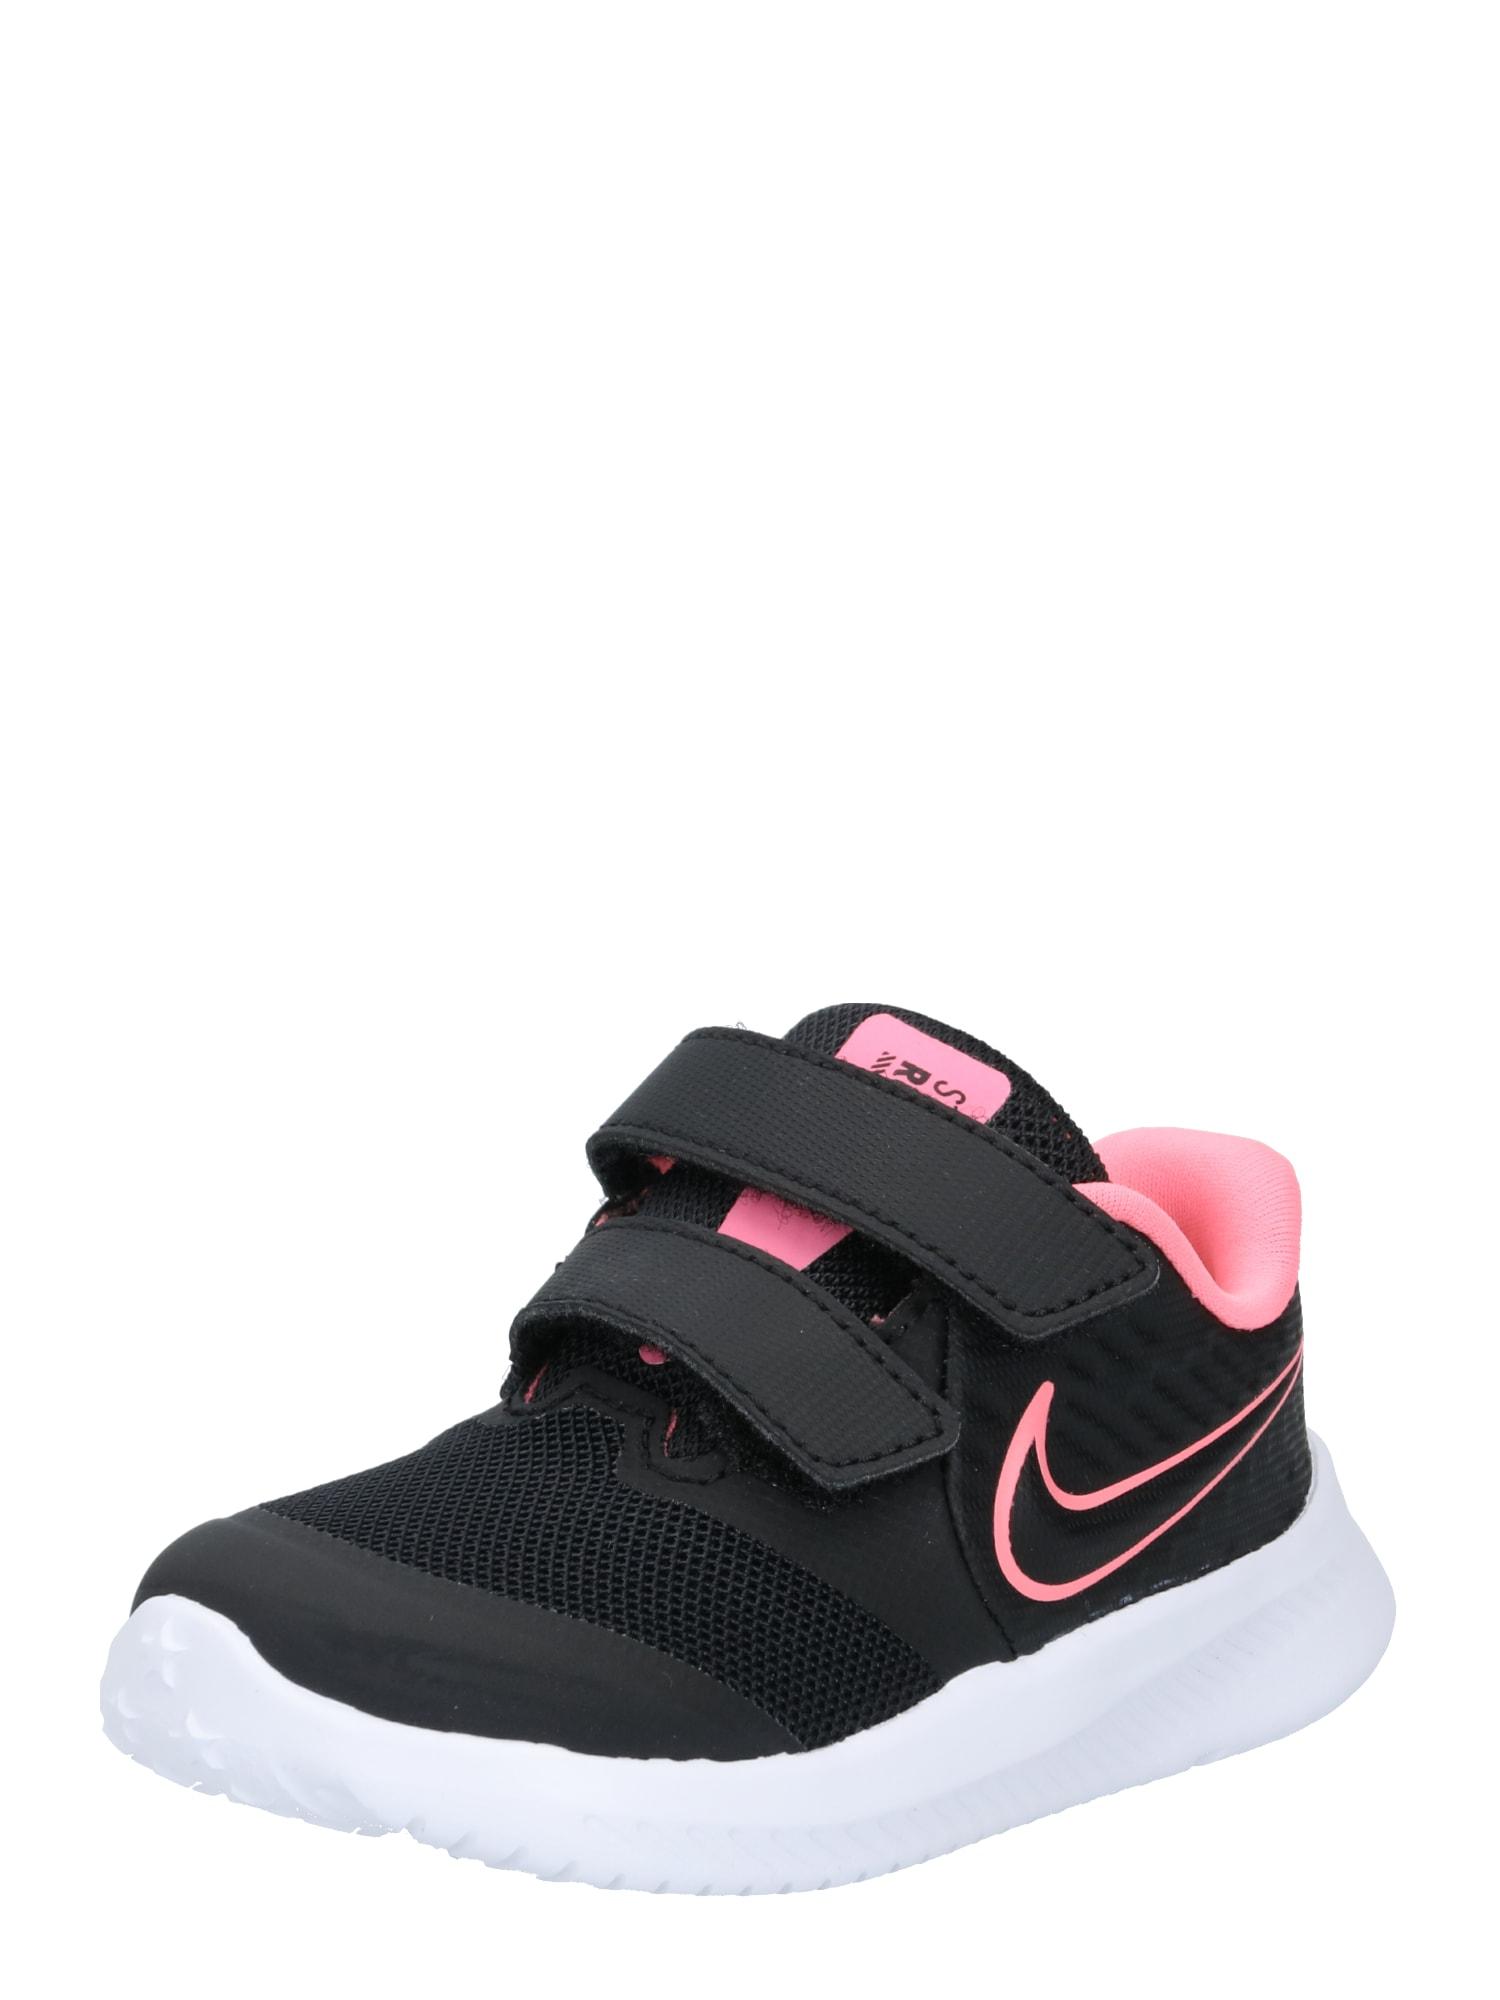 NIKE Sportiniai batai 'Star Runner' juoda / rožinė